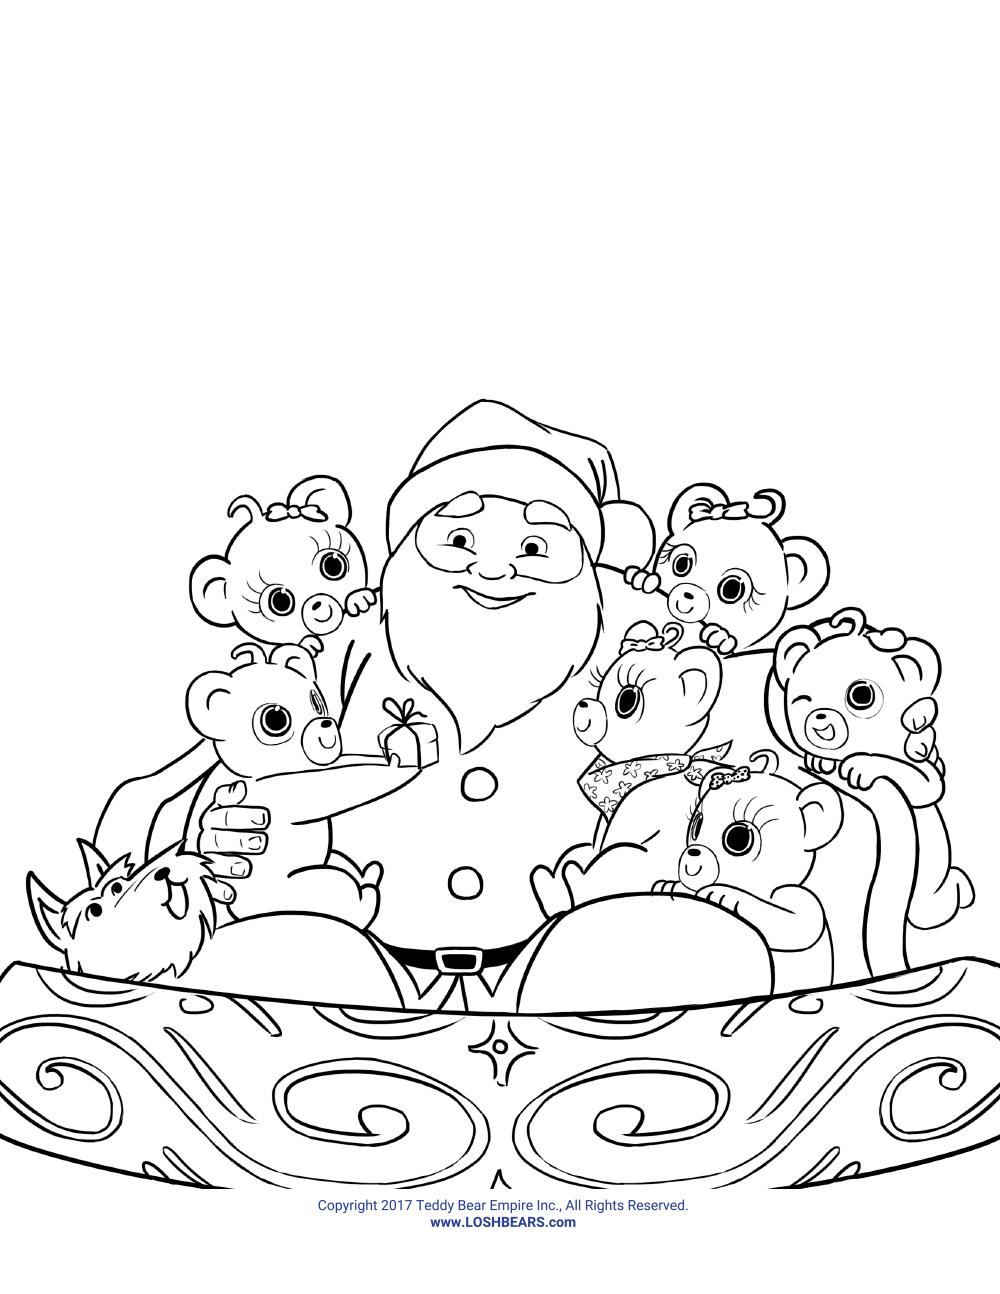 Santa colouring page 2